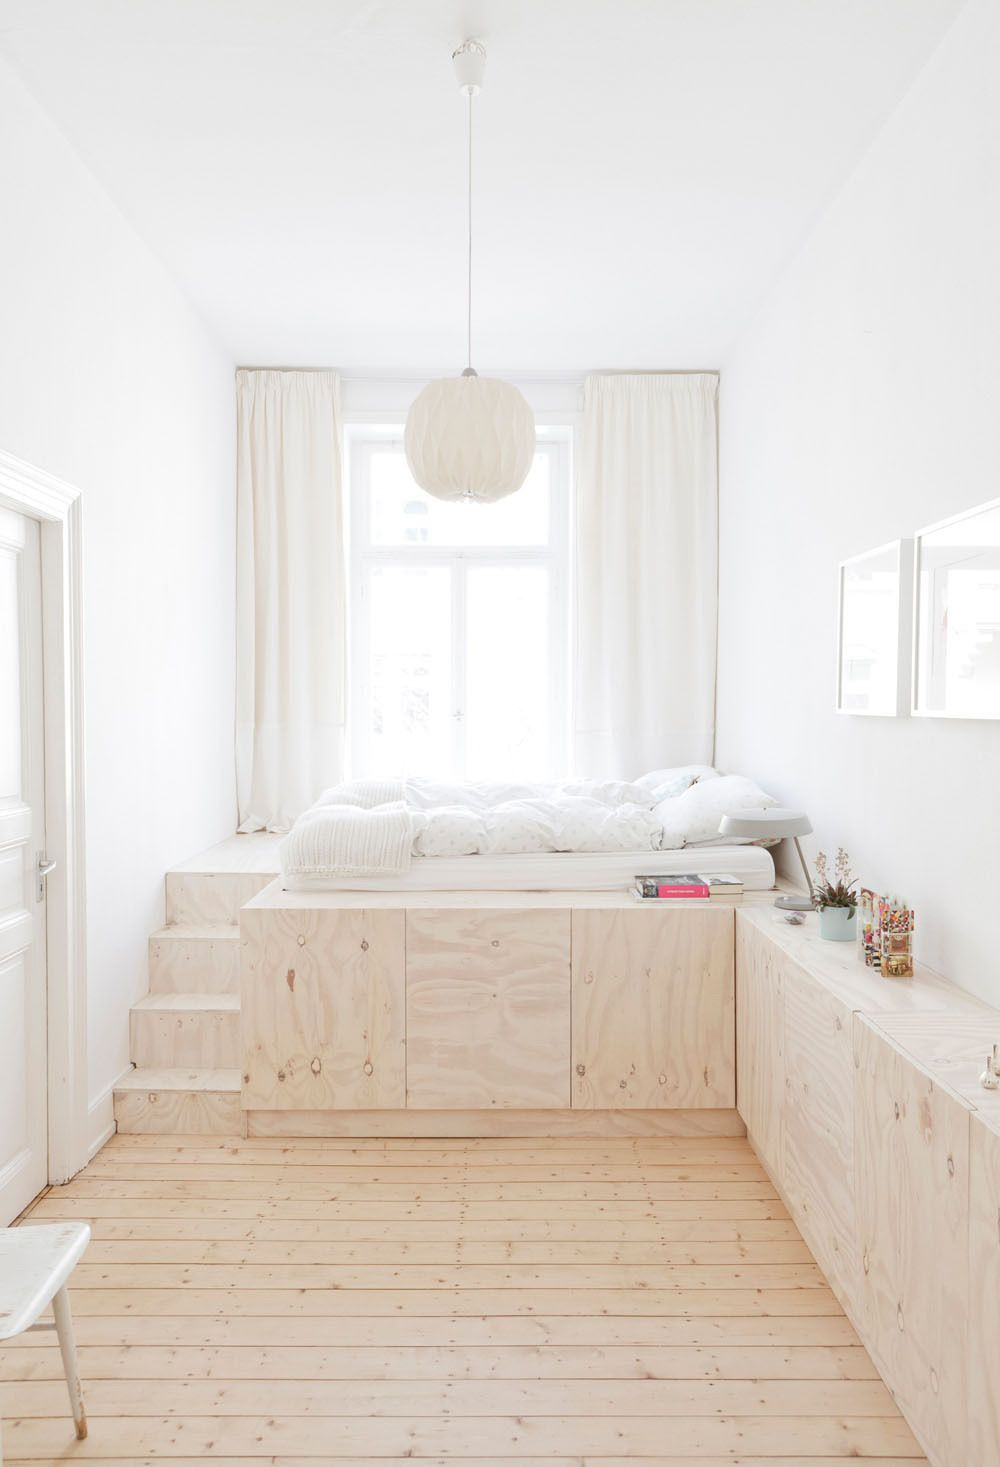 perfekte kombination von bett und stauraum - apartment in, Hause deko